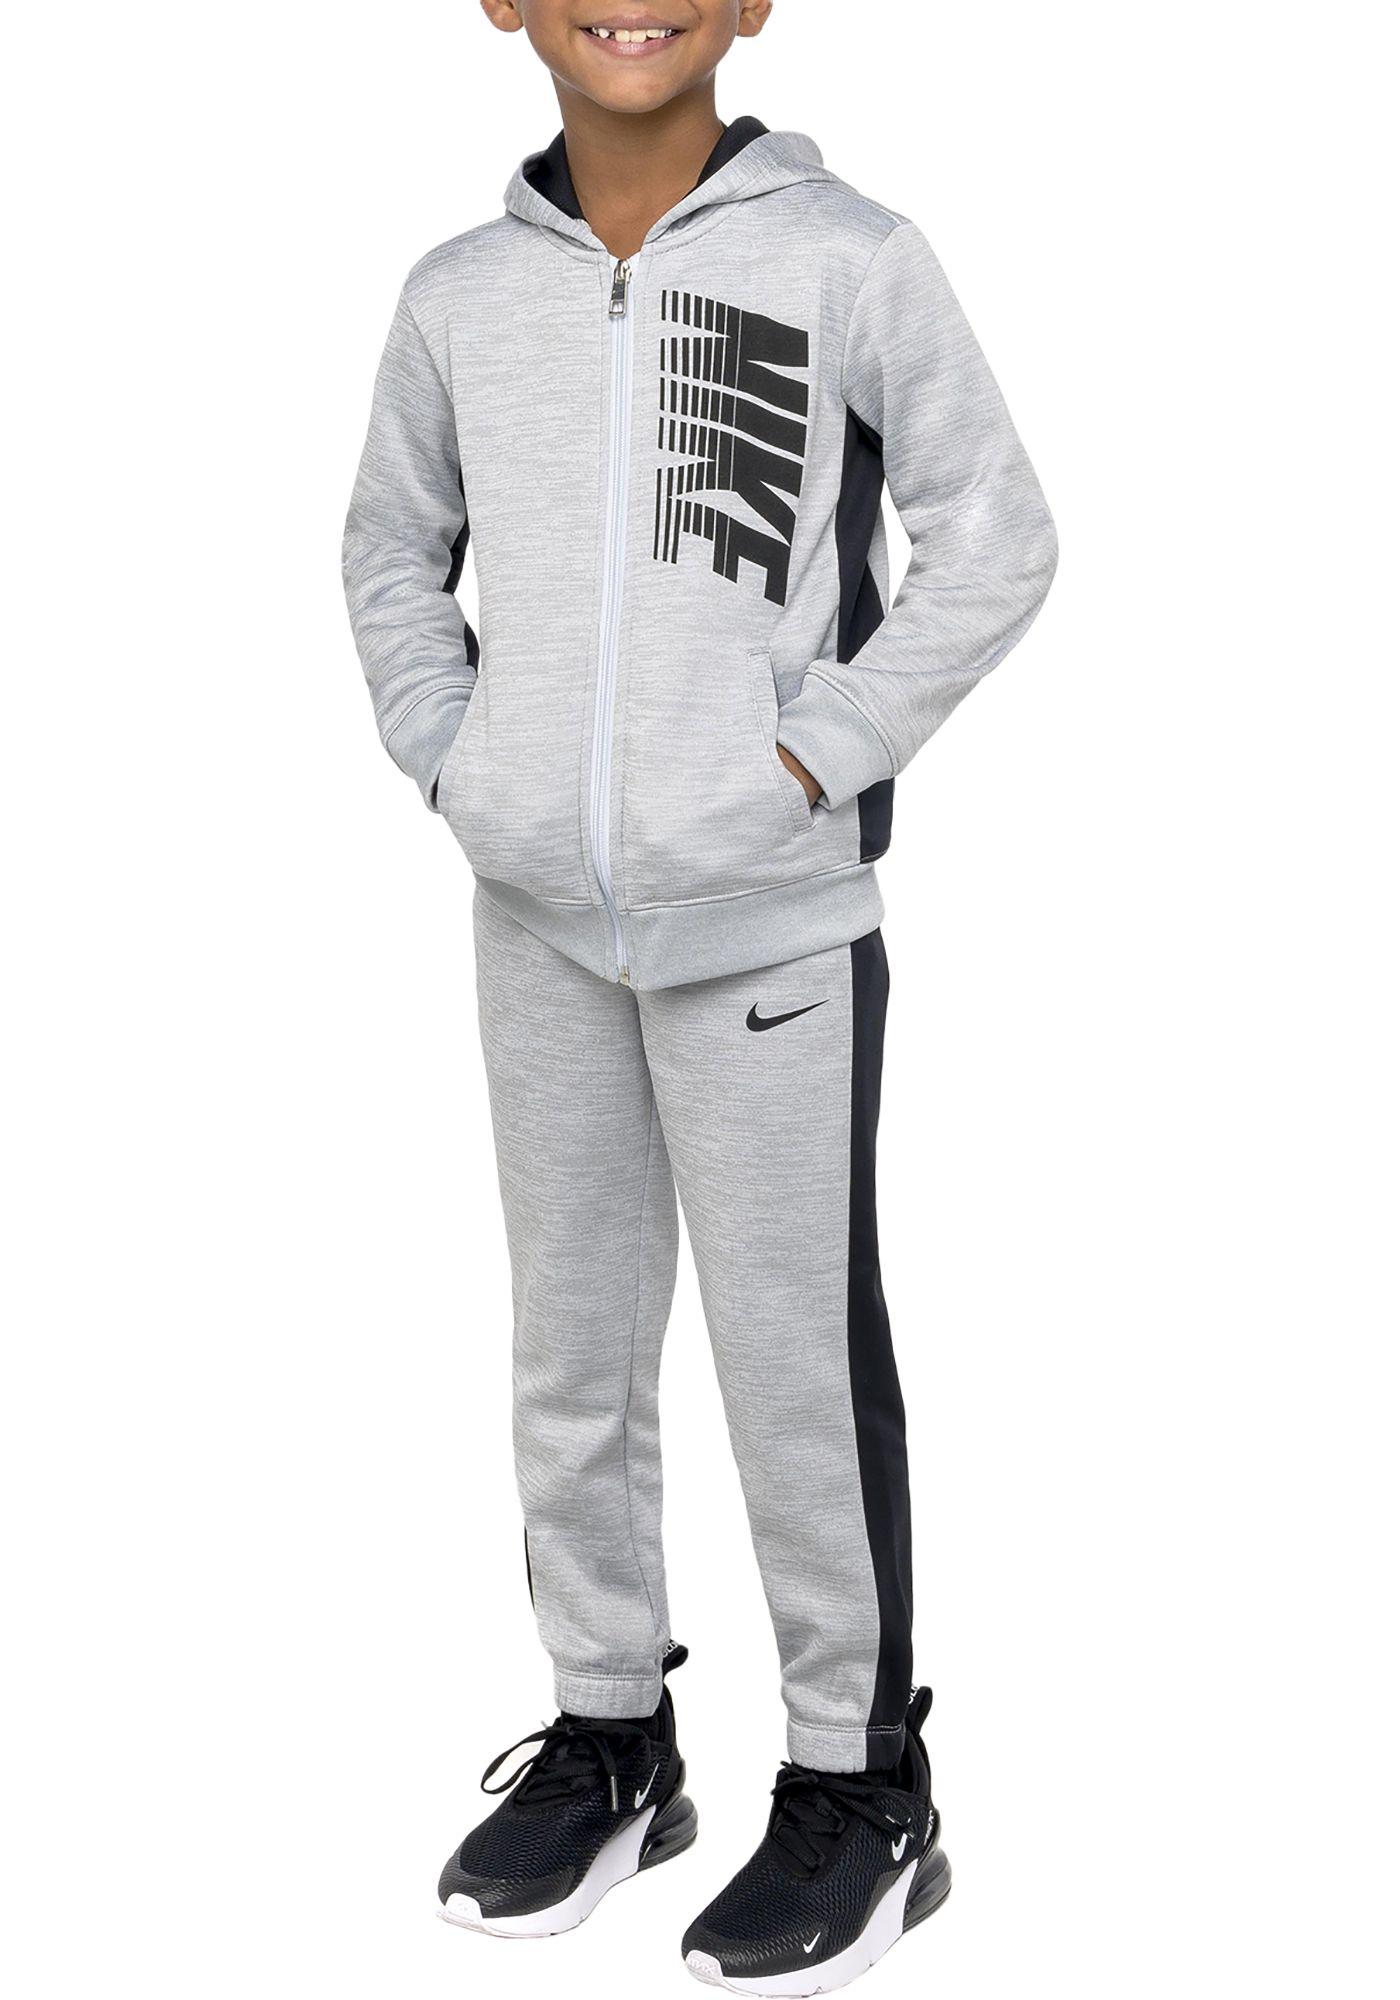 Nike Little Boys' Therma Fleece Zip Hoodie and Pants Set